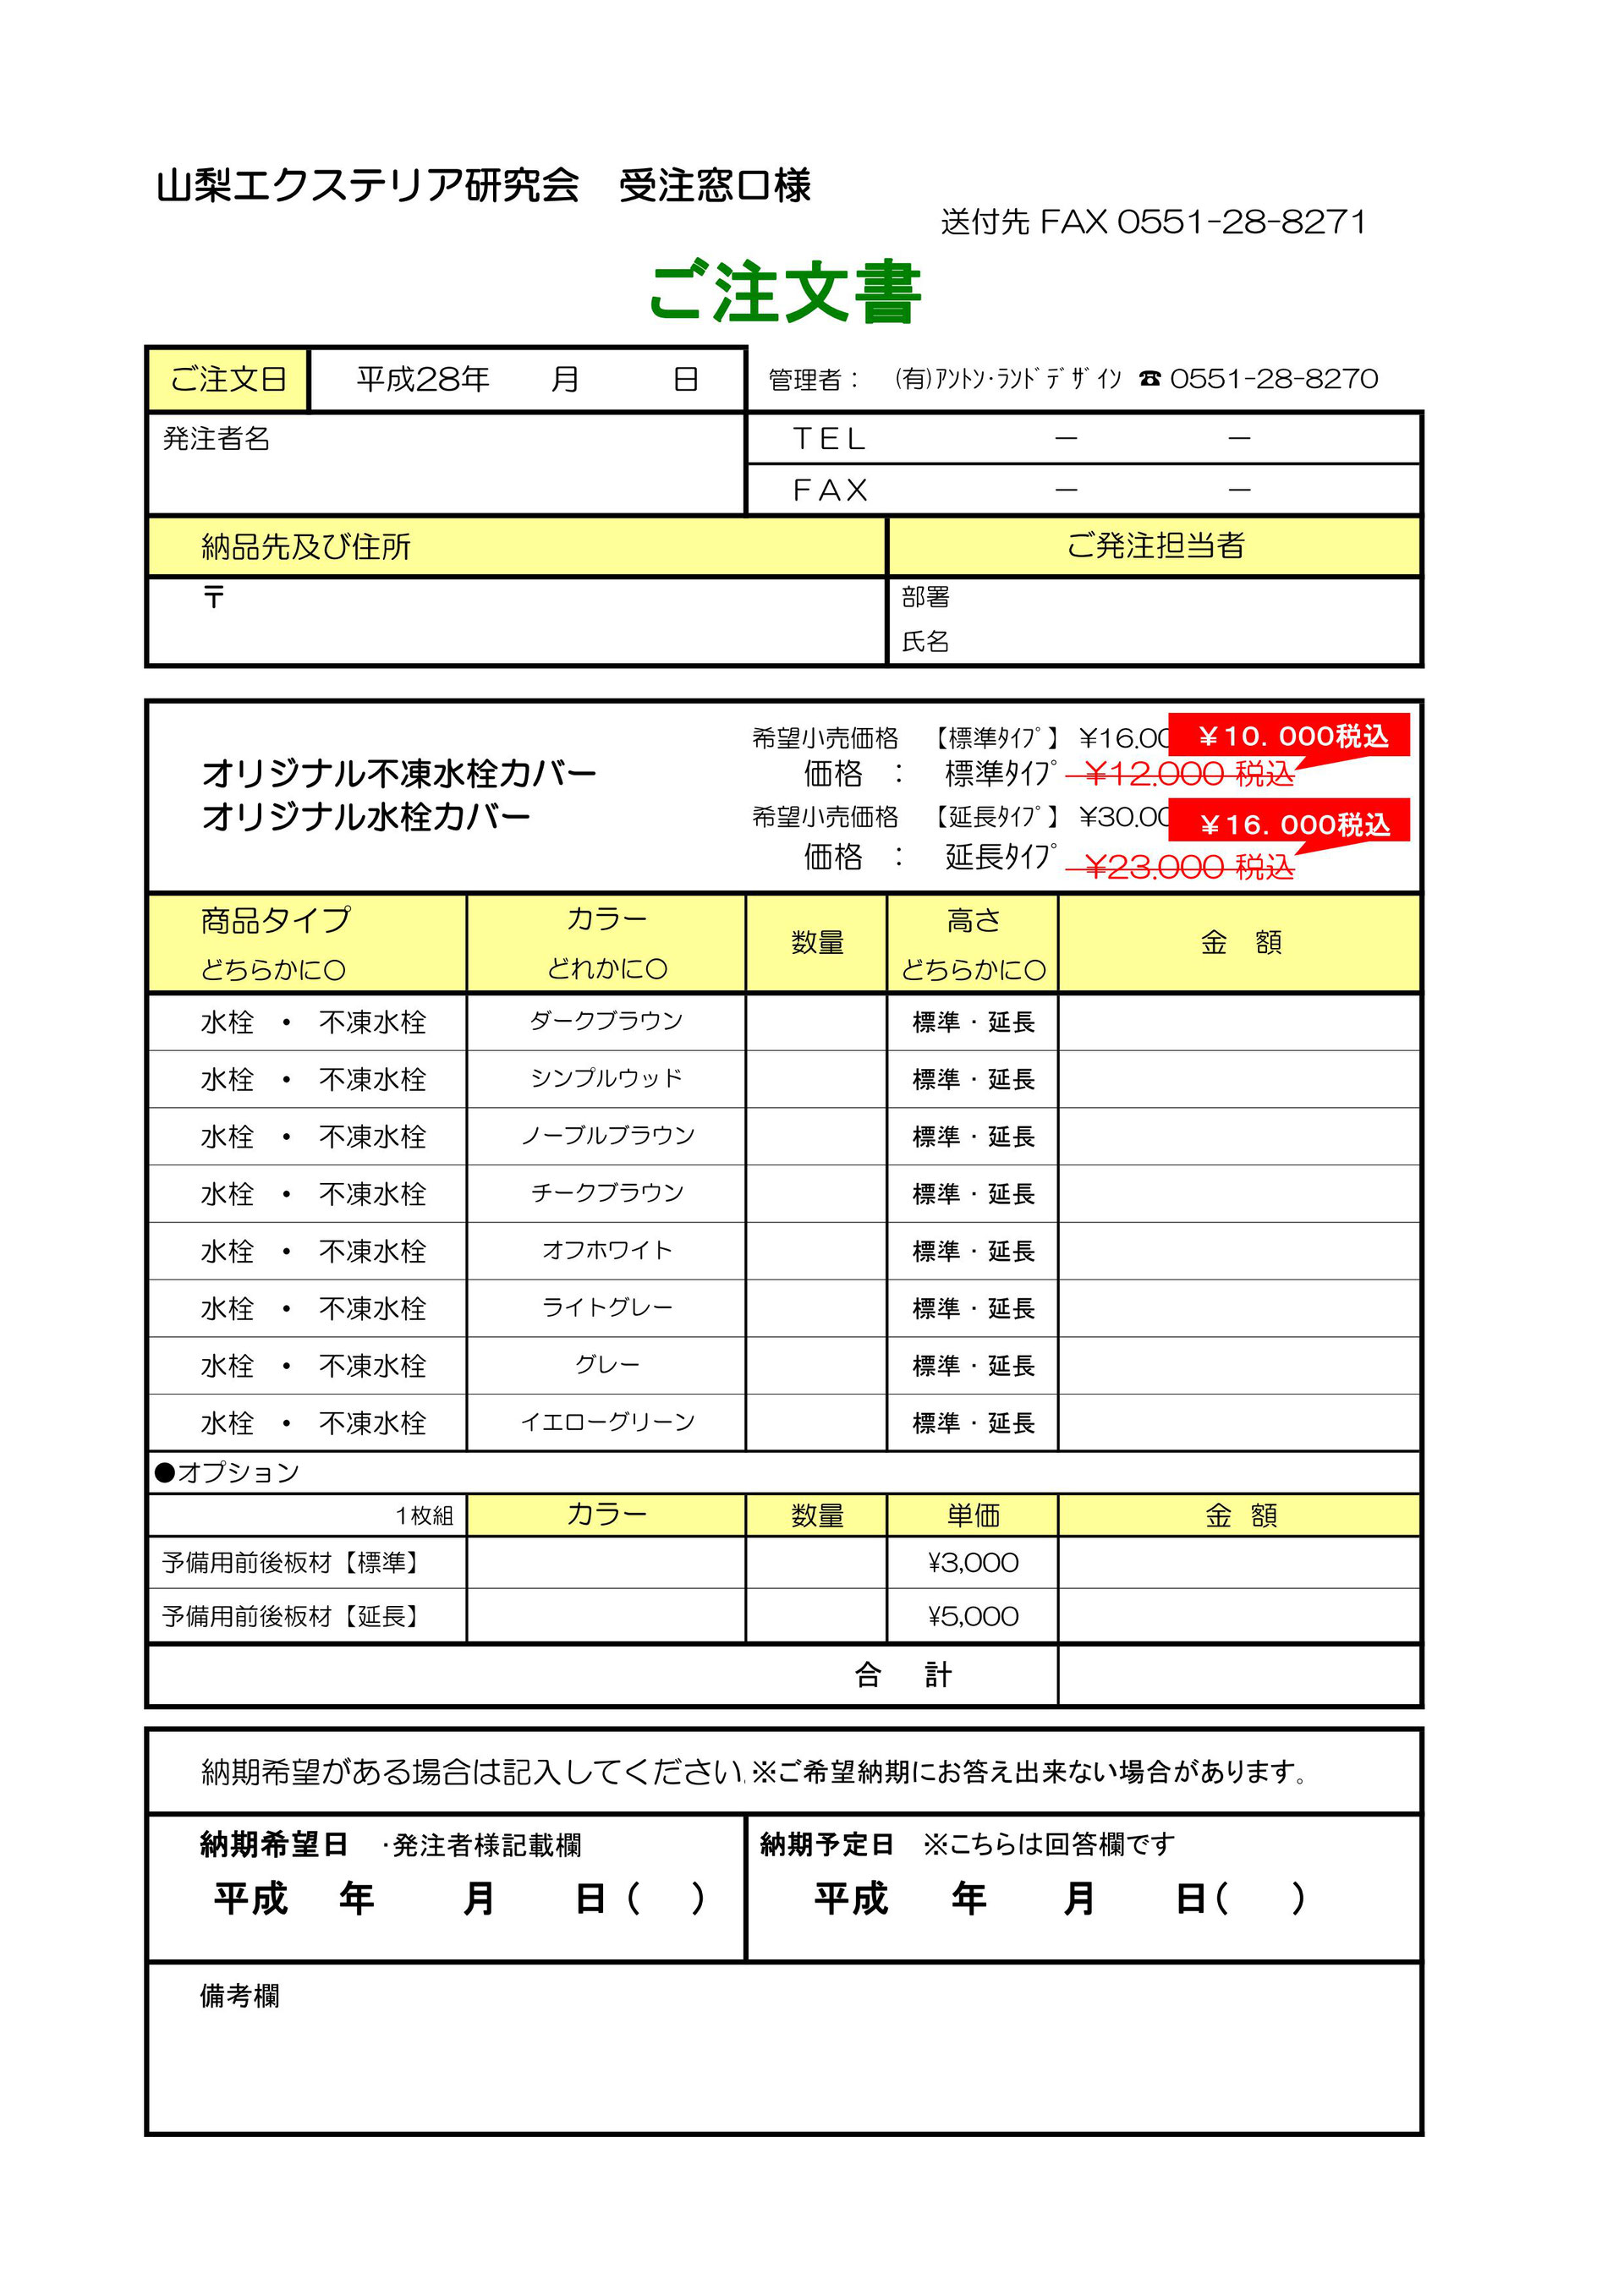 注文依頼書 - 山梨エクステリア研究会